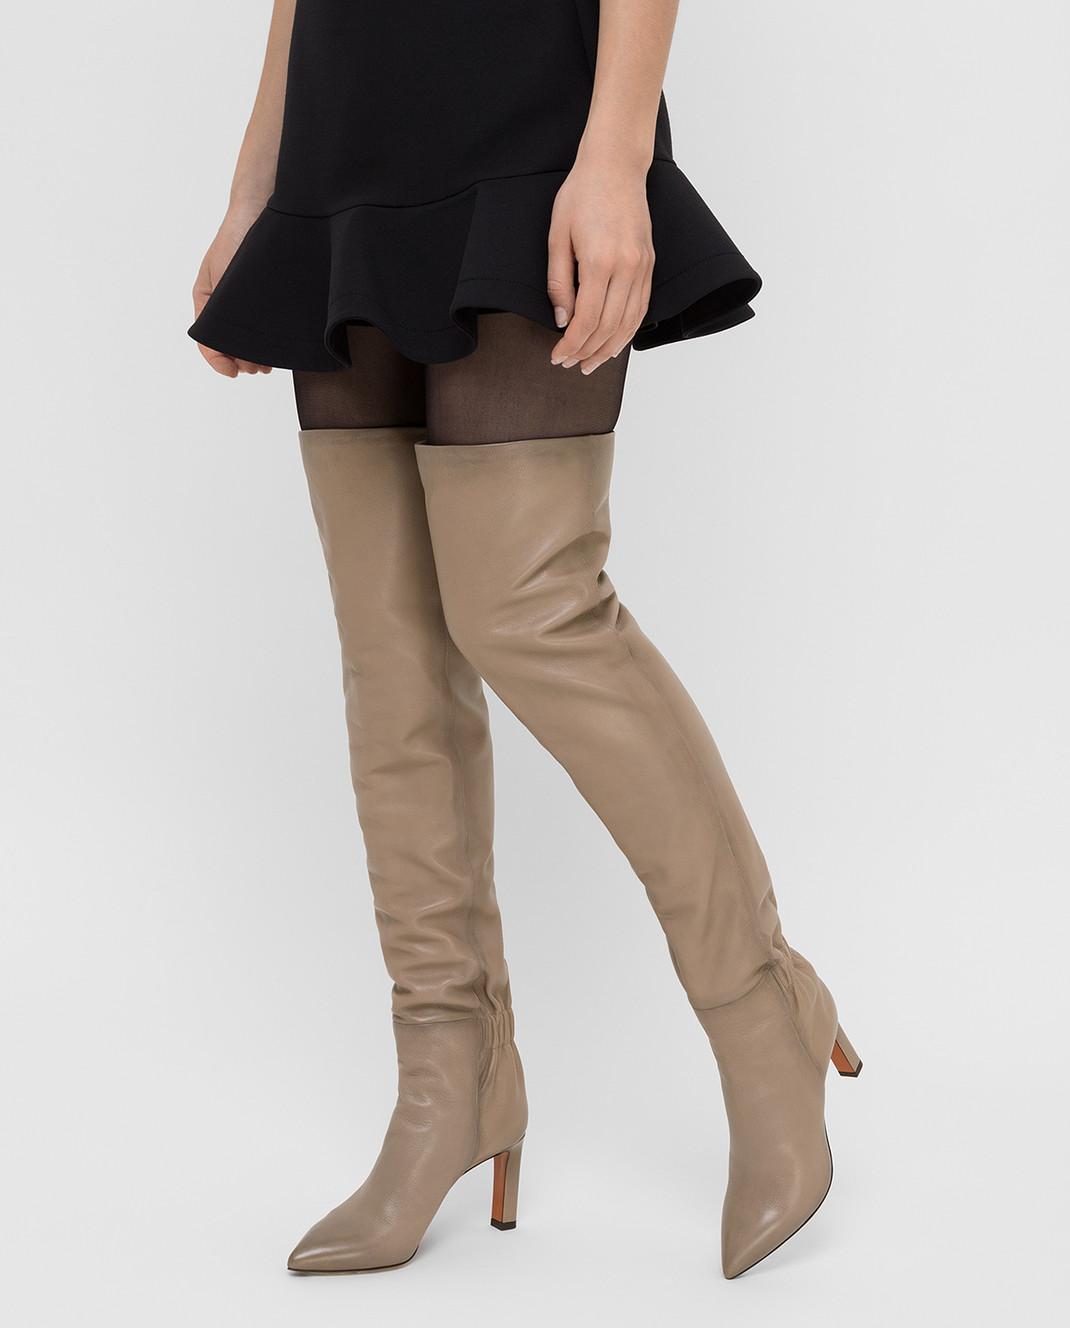 Santoni Бежевые кожаные ботфорты WSKK57445HI2CGHY изображение 2